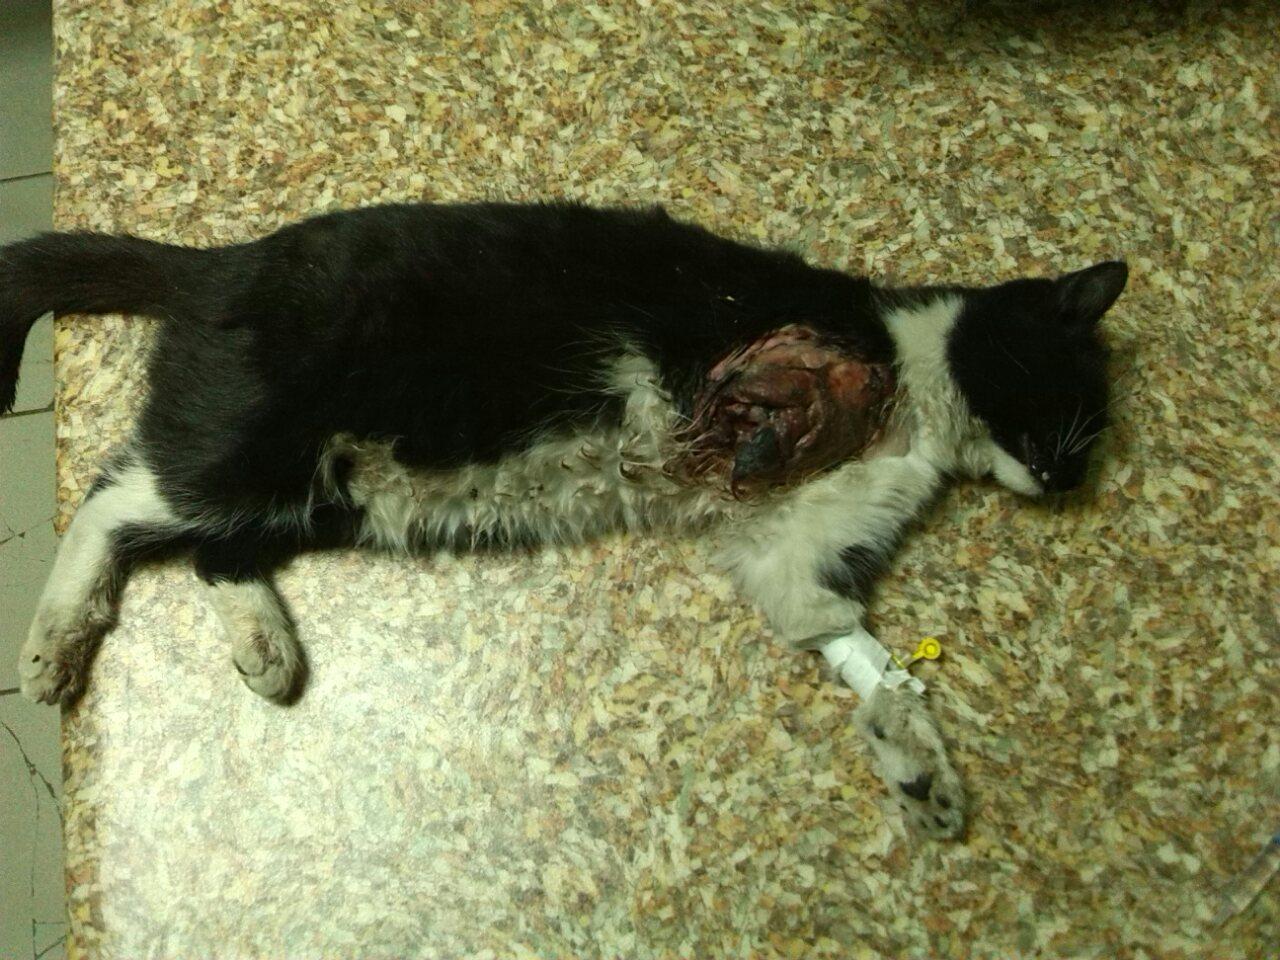 Покалечил и отбросил на тротуар… Из-за равнодушия водителя беременная кошка оказалась на грани жизни и смерти